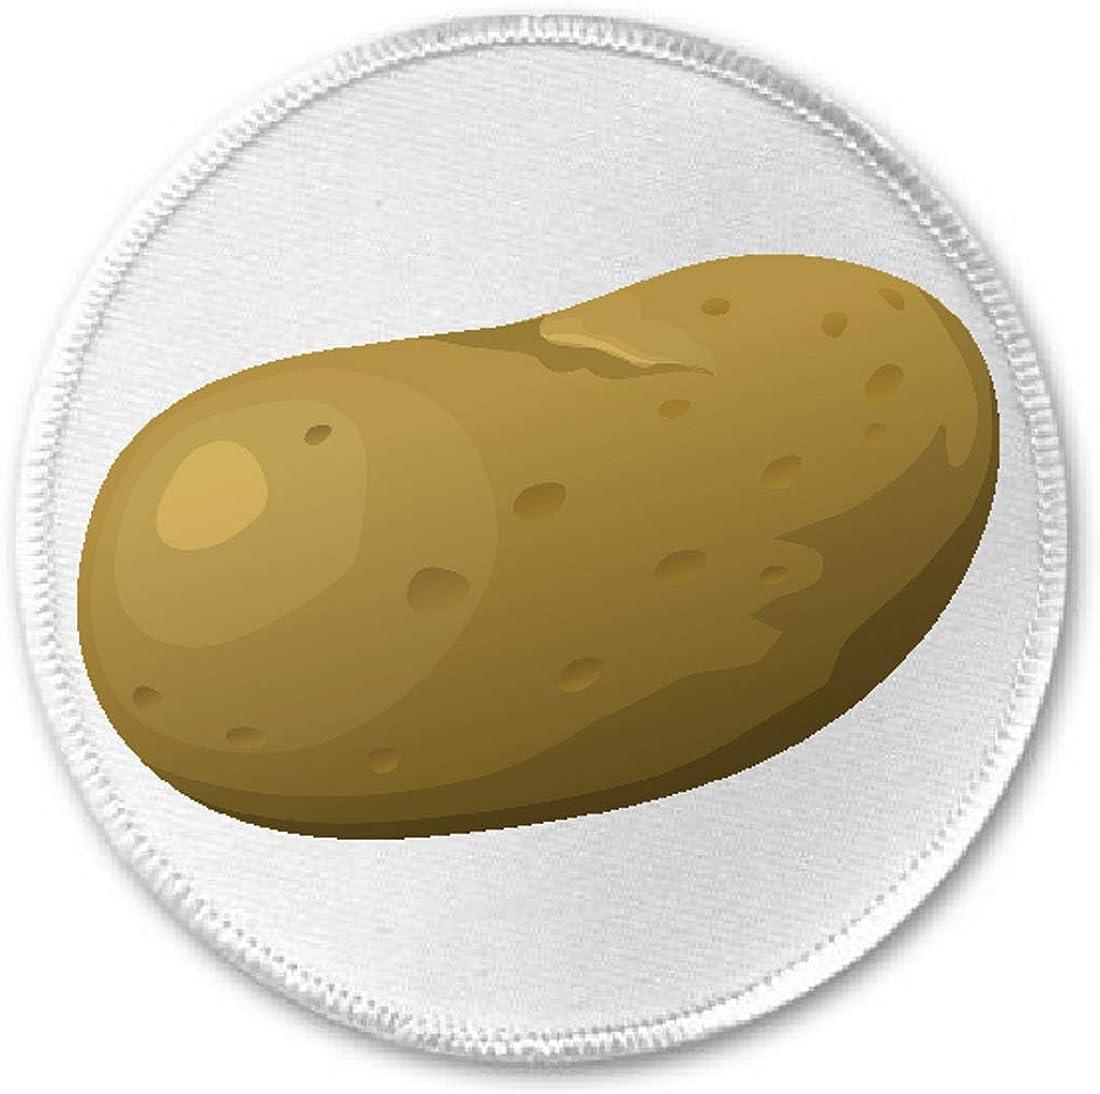 Potato - 3